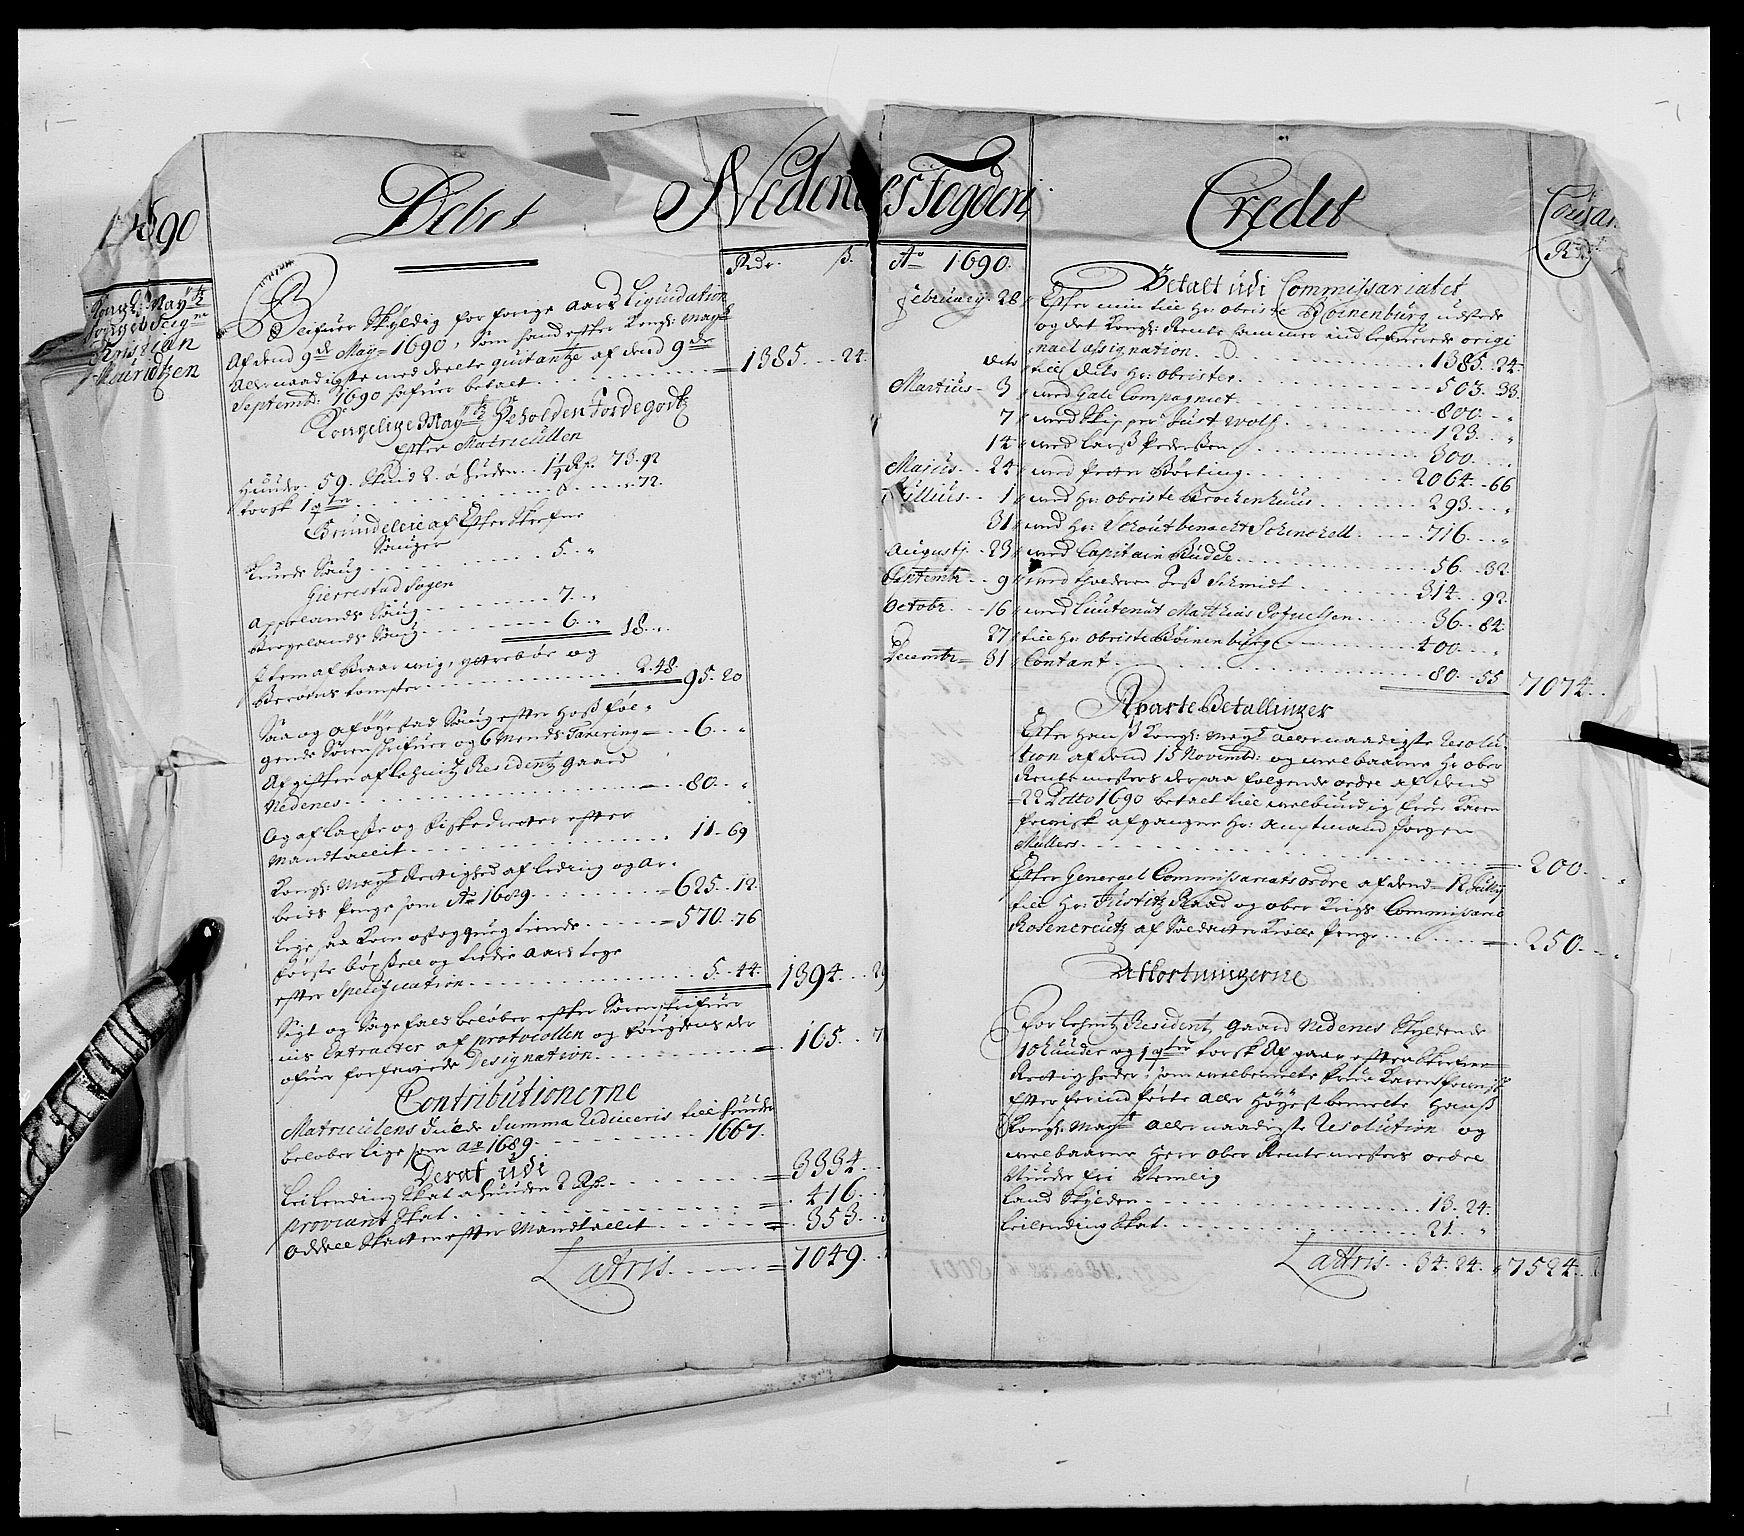 RA, Rentekammeret inntil 1814, Reviderte regnskaper, Fogderegnskap, R39/L2310: Fogderegnskap Nedenes, 1690-1692, s. 32